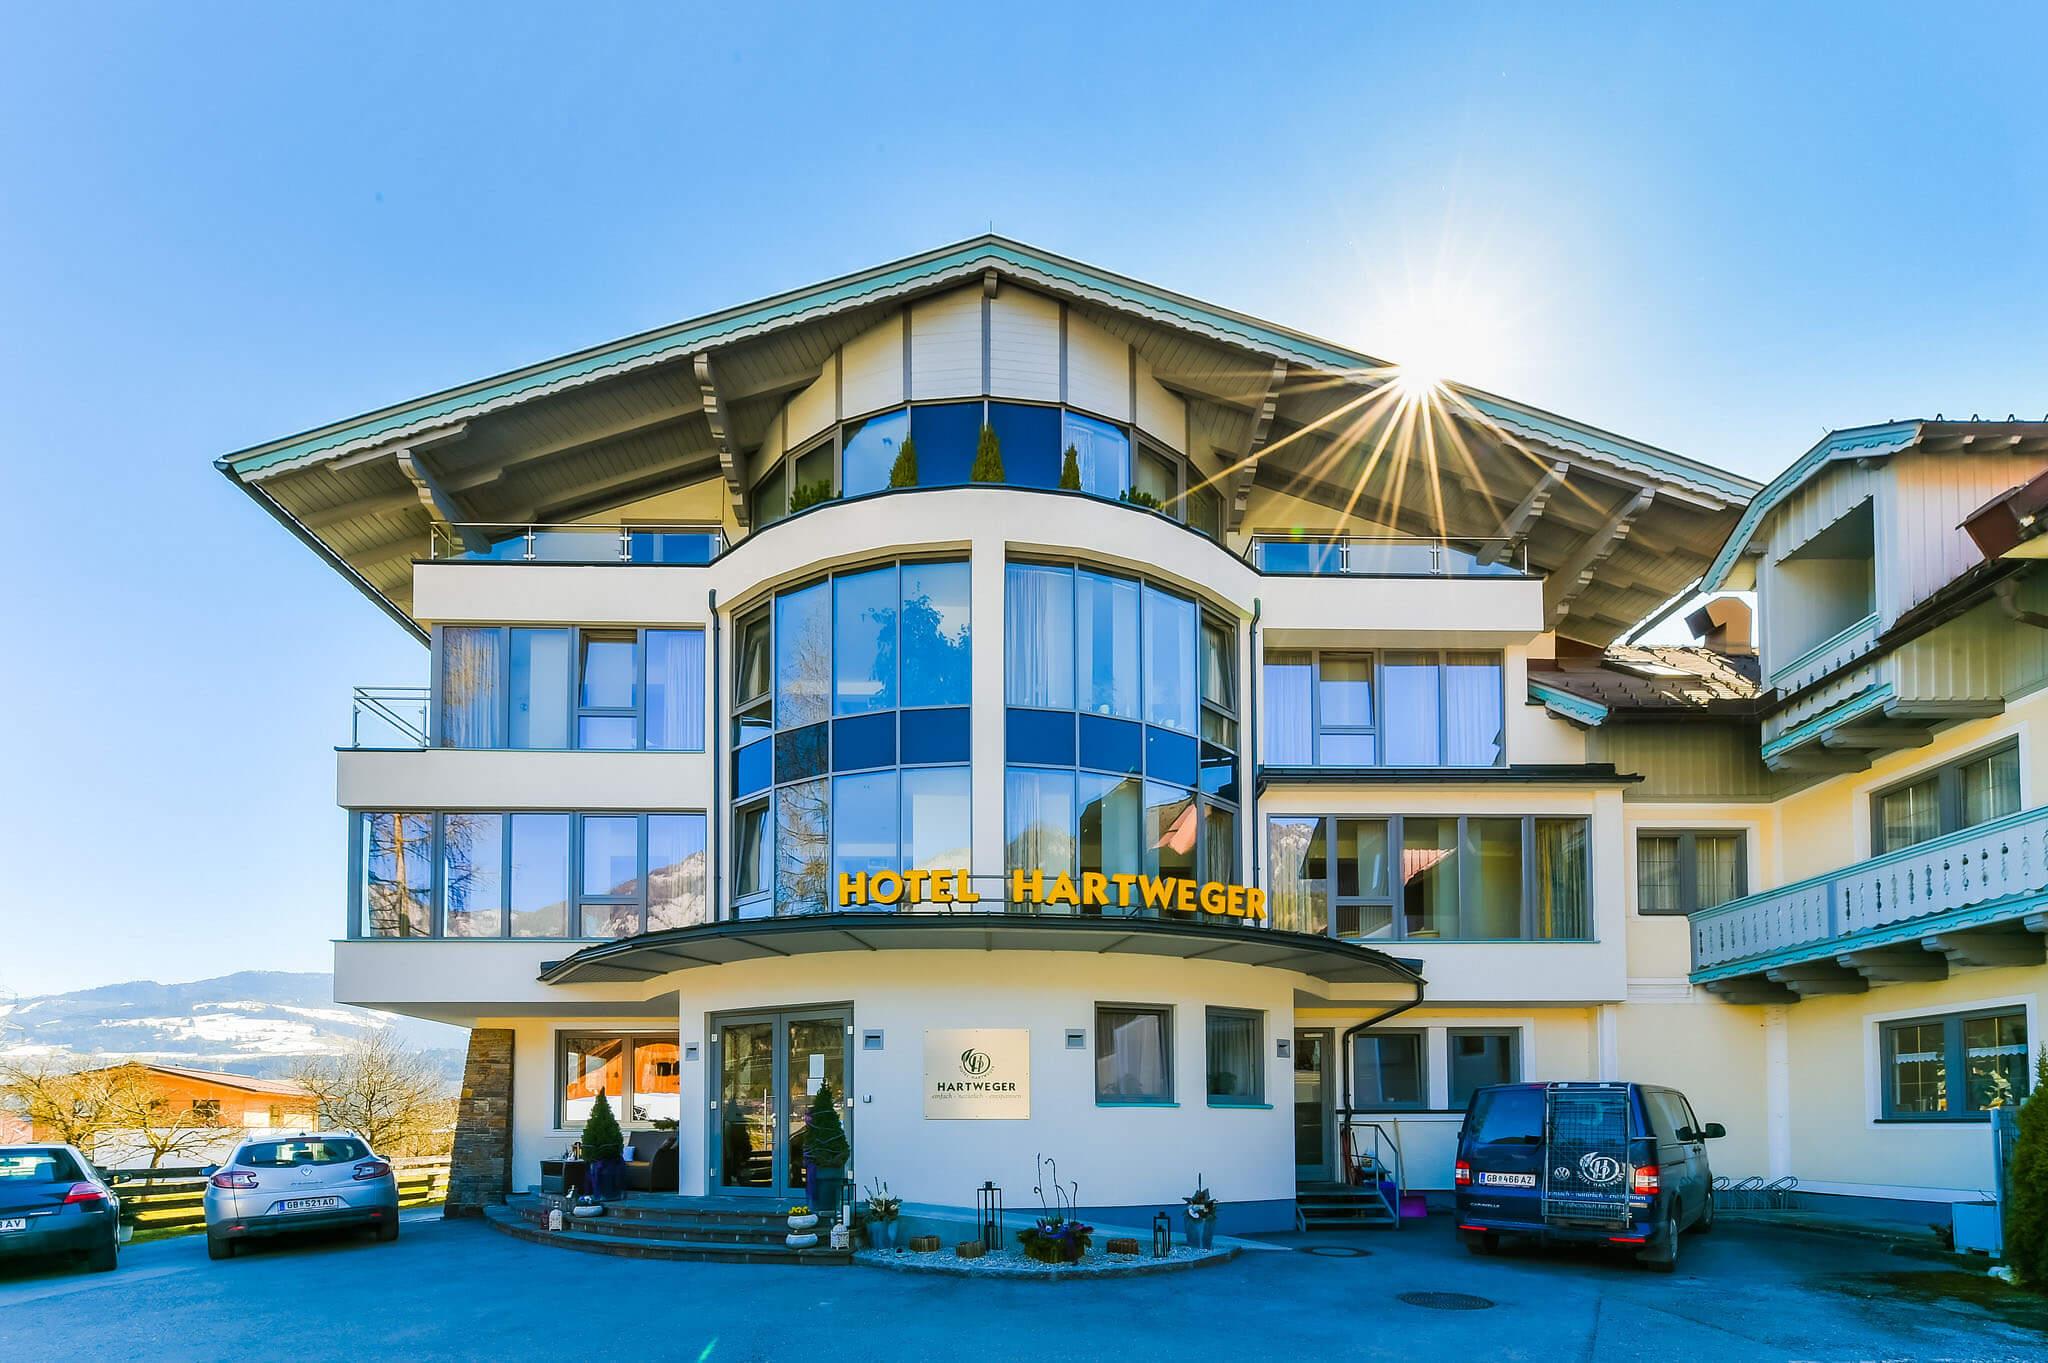 Hotel Hartweger in Haus im Ennstal